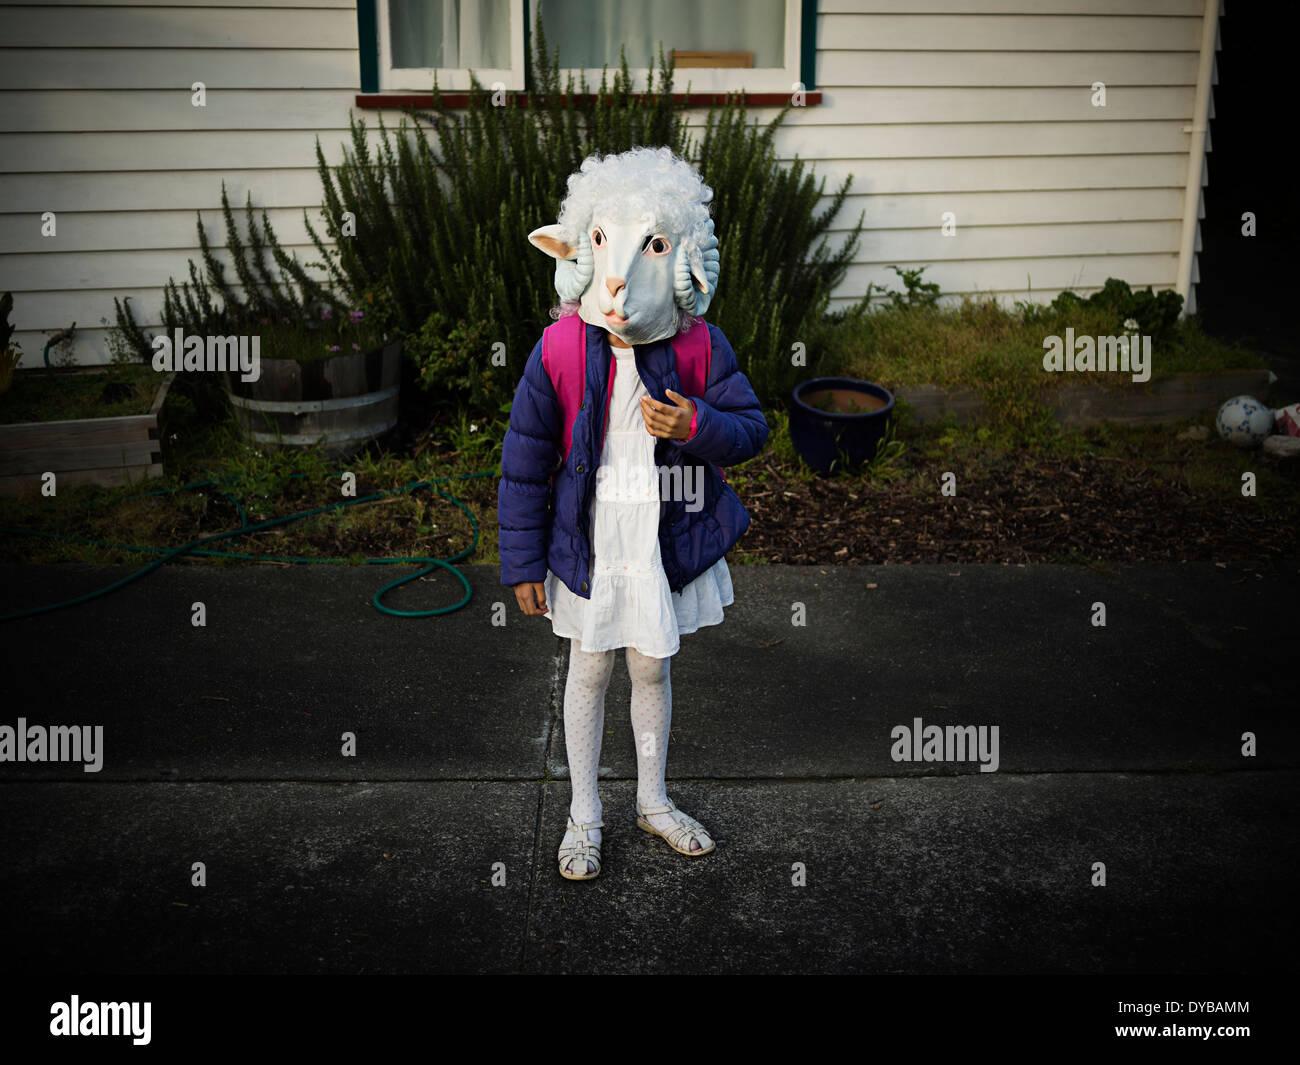 Dress up day at school: ensembles de fille de remise sur pied à l'école habillé comme un mouton Photo Stock